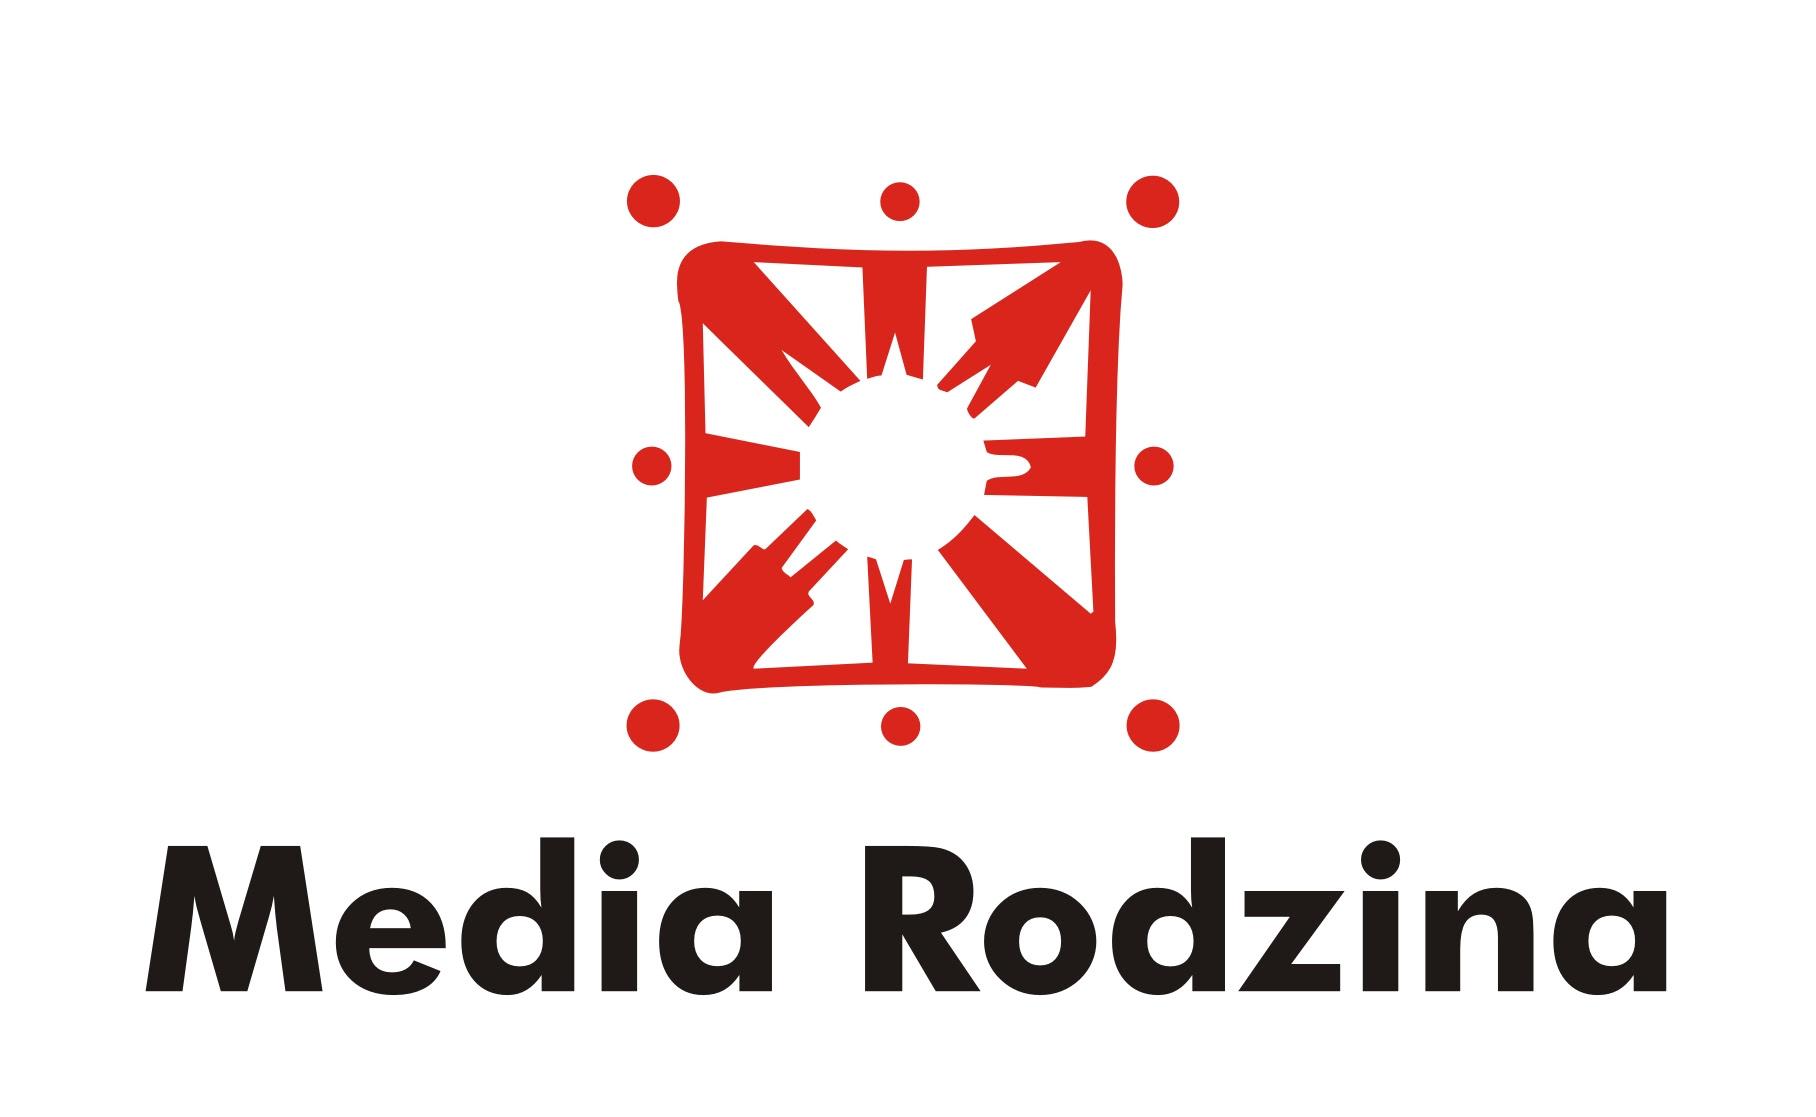 http://mediarodzina.pl/index.php